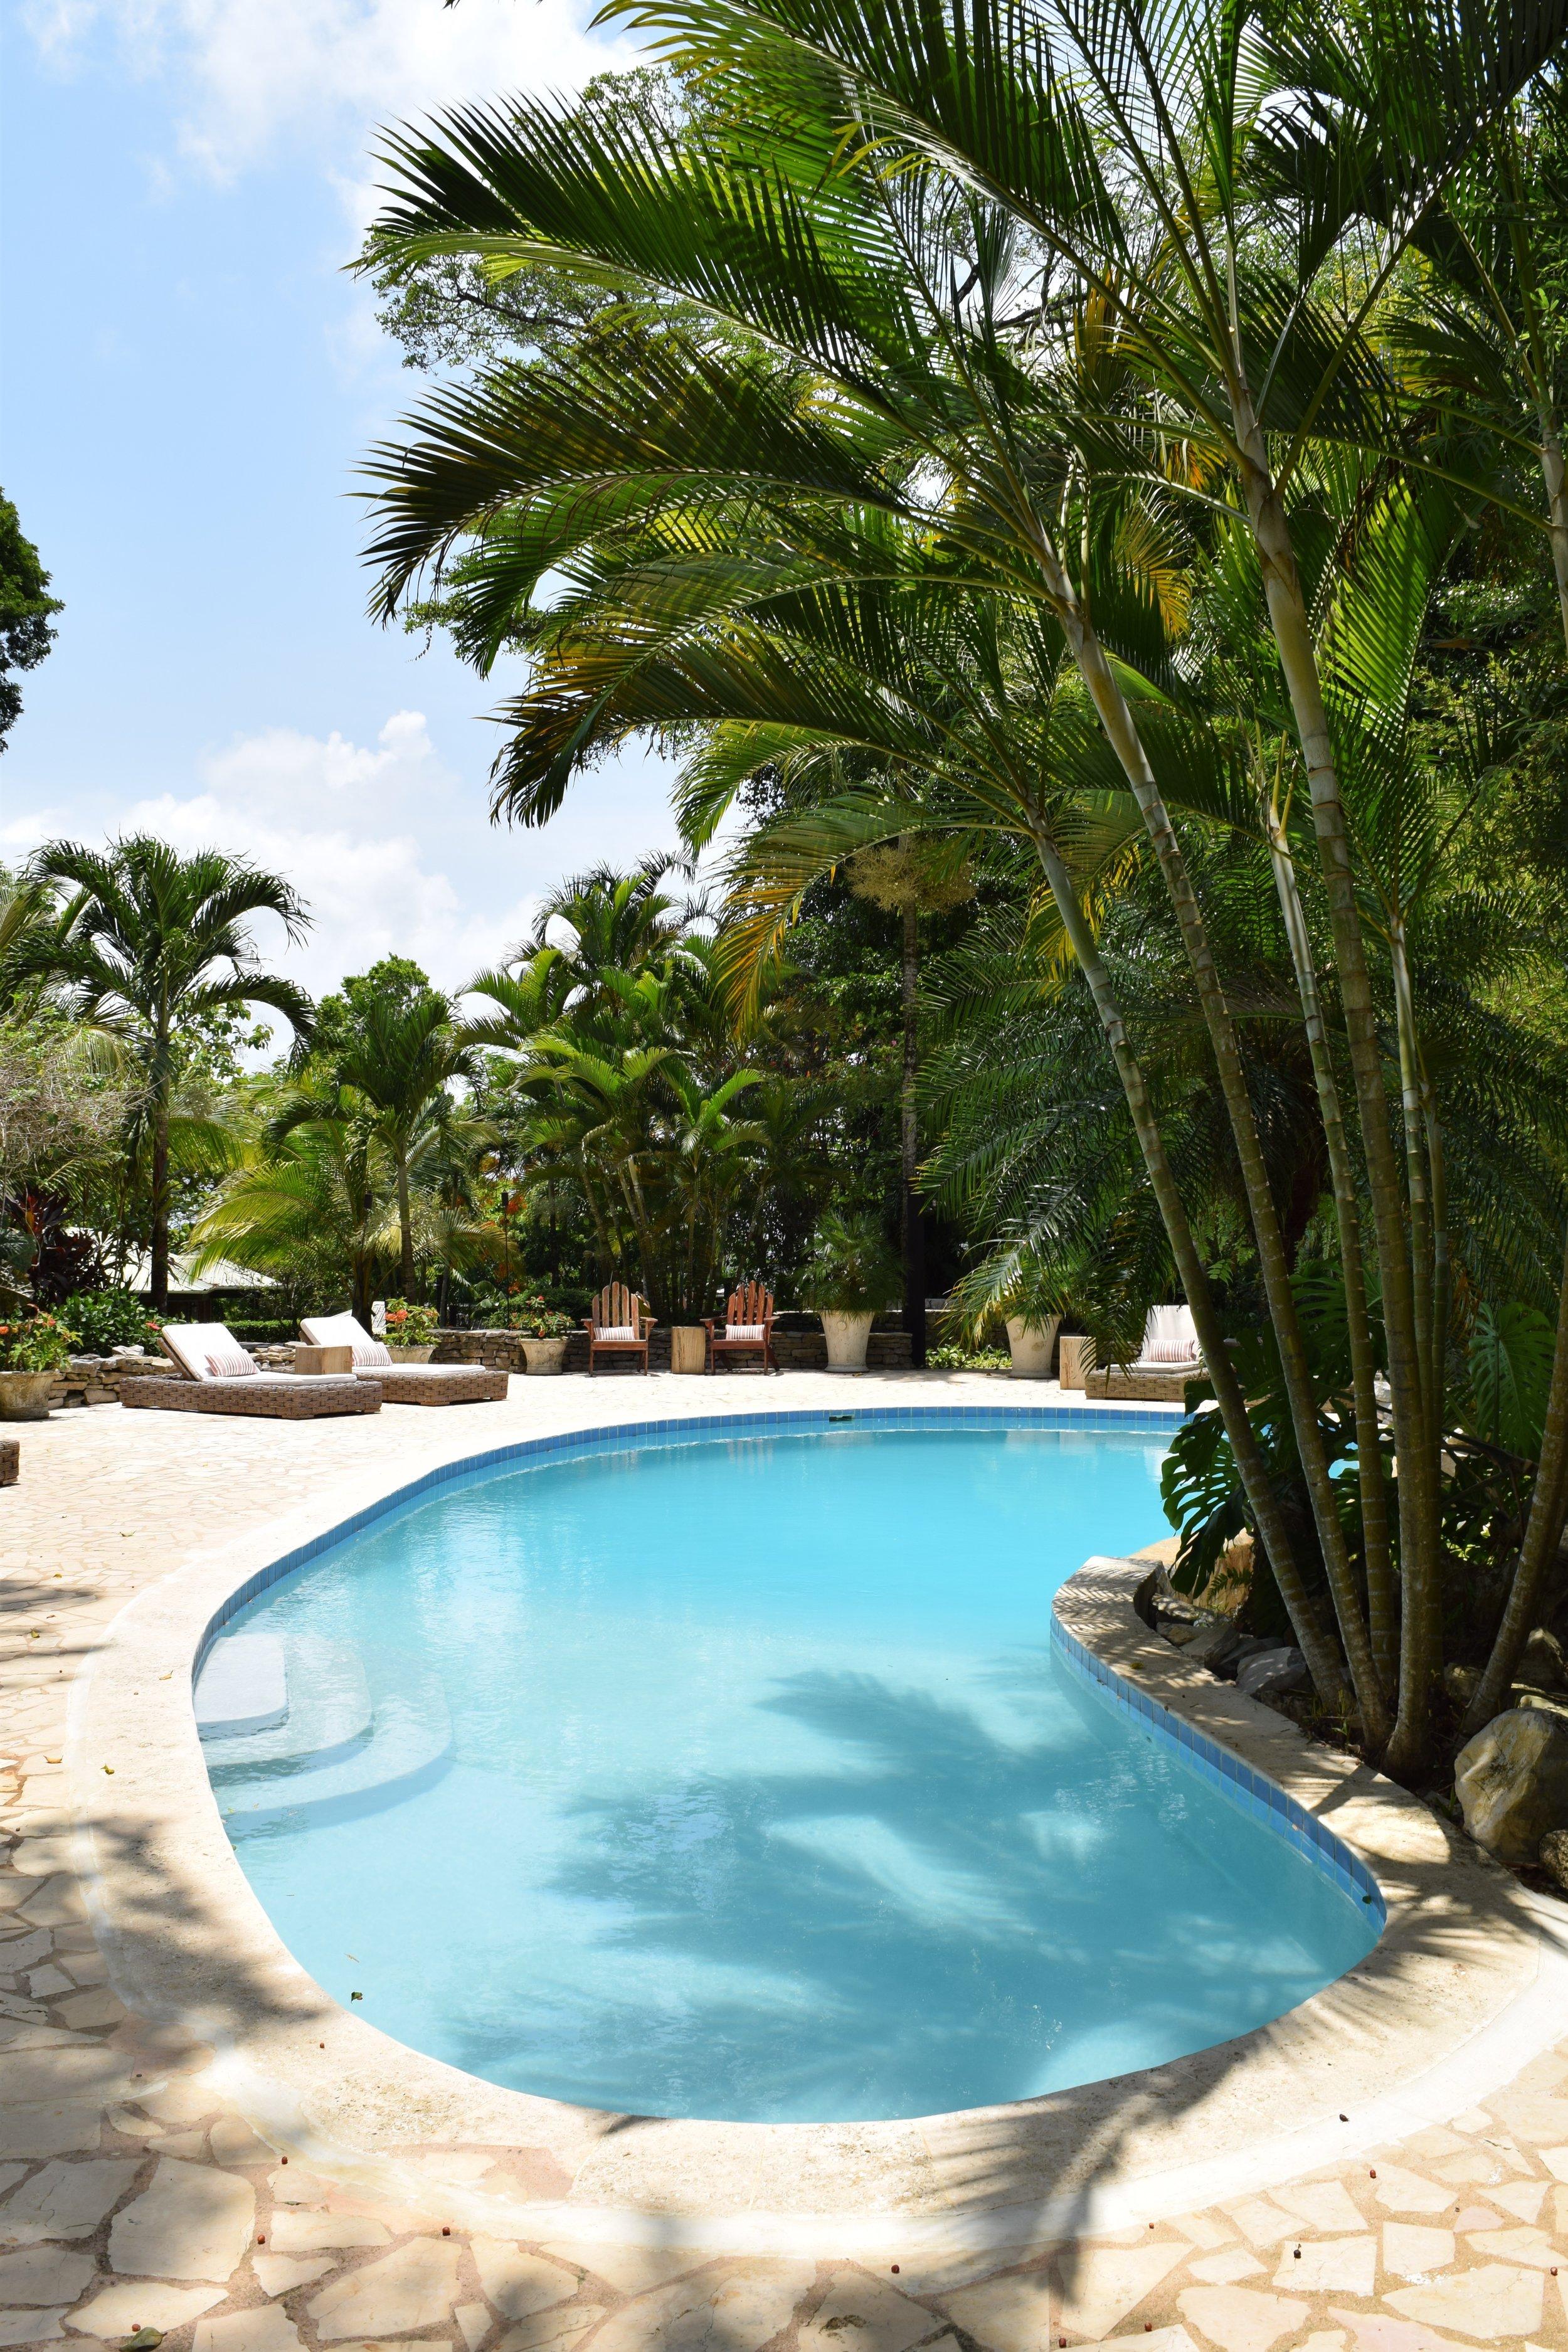 Copy of Main Lodge Pool.jpg